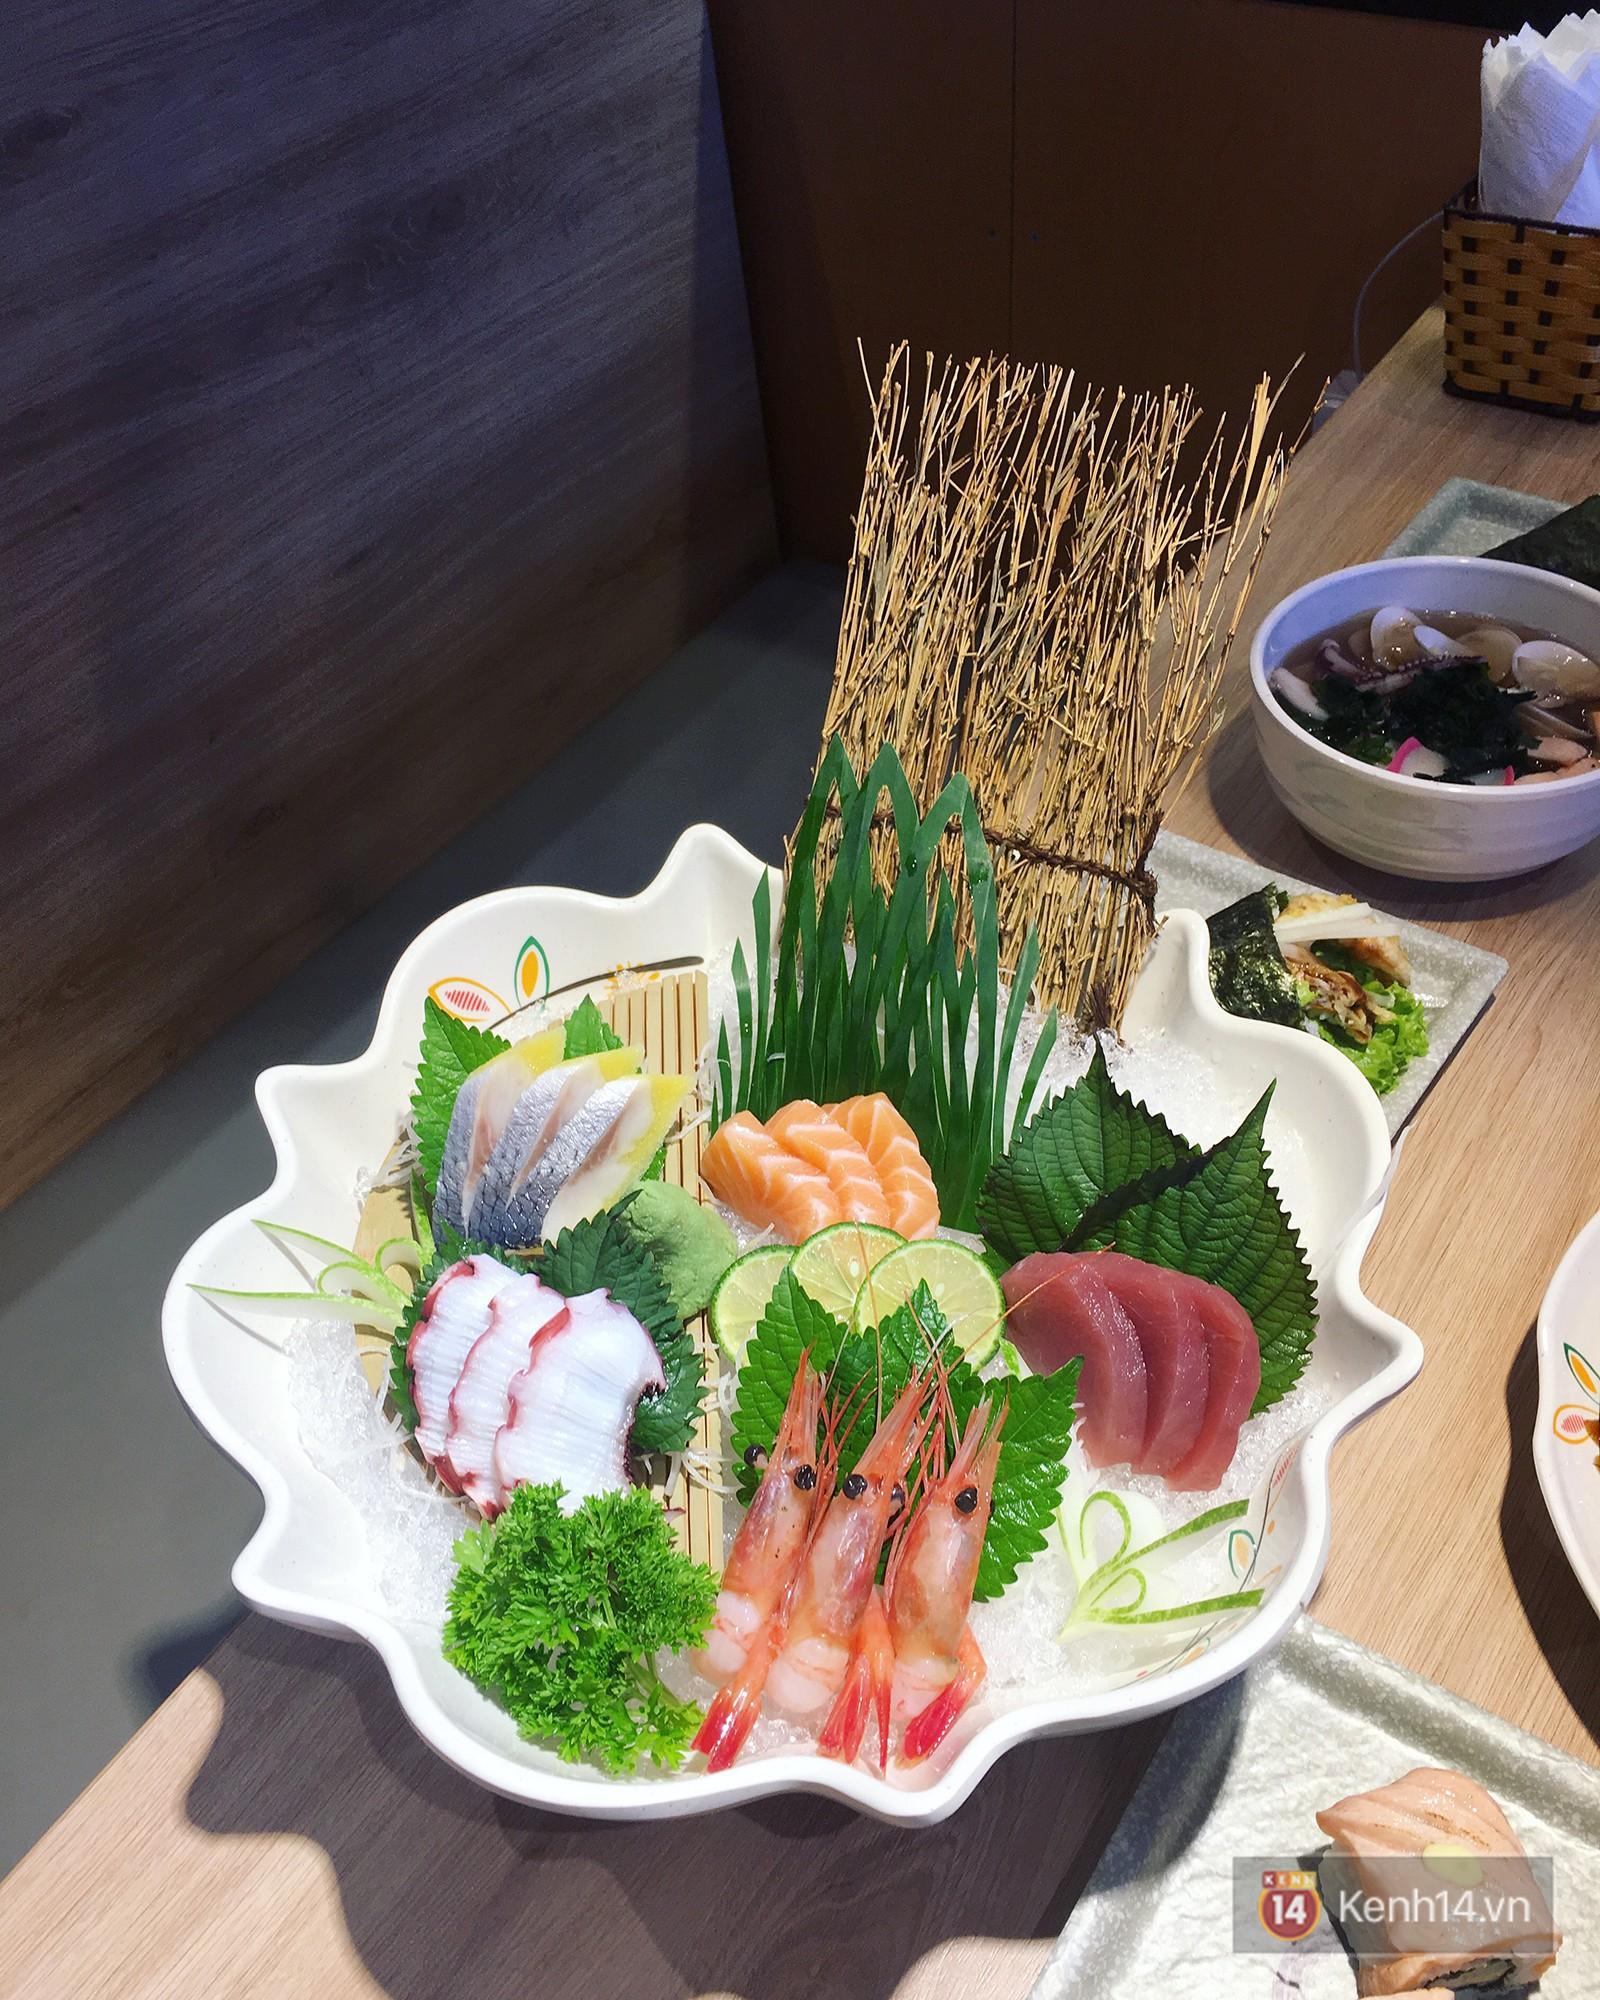 Lá hồi sinh bán đầy chợ Việt 1-2 ngàn/mớ, ở Nhật phải mua ăn từng lá một-3